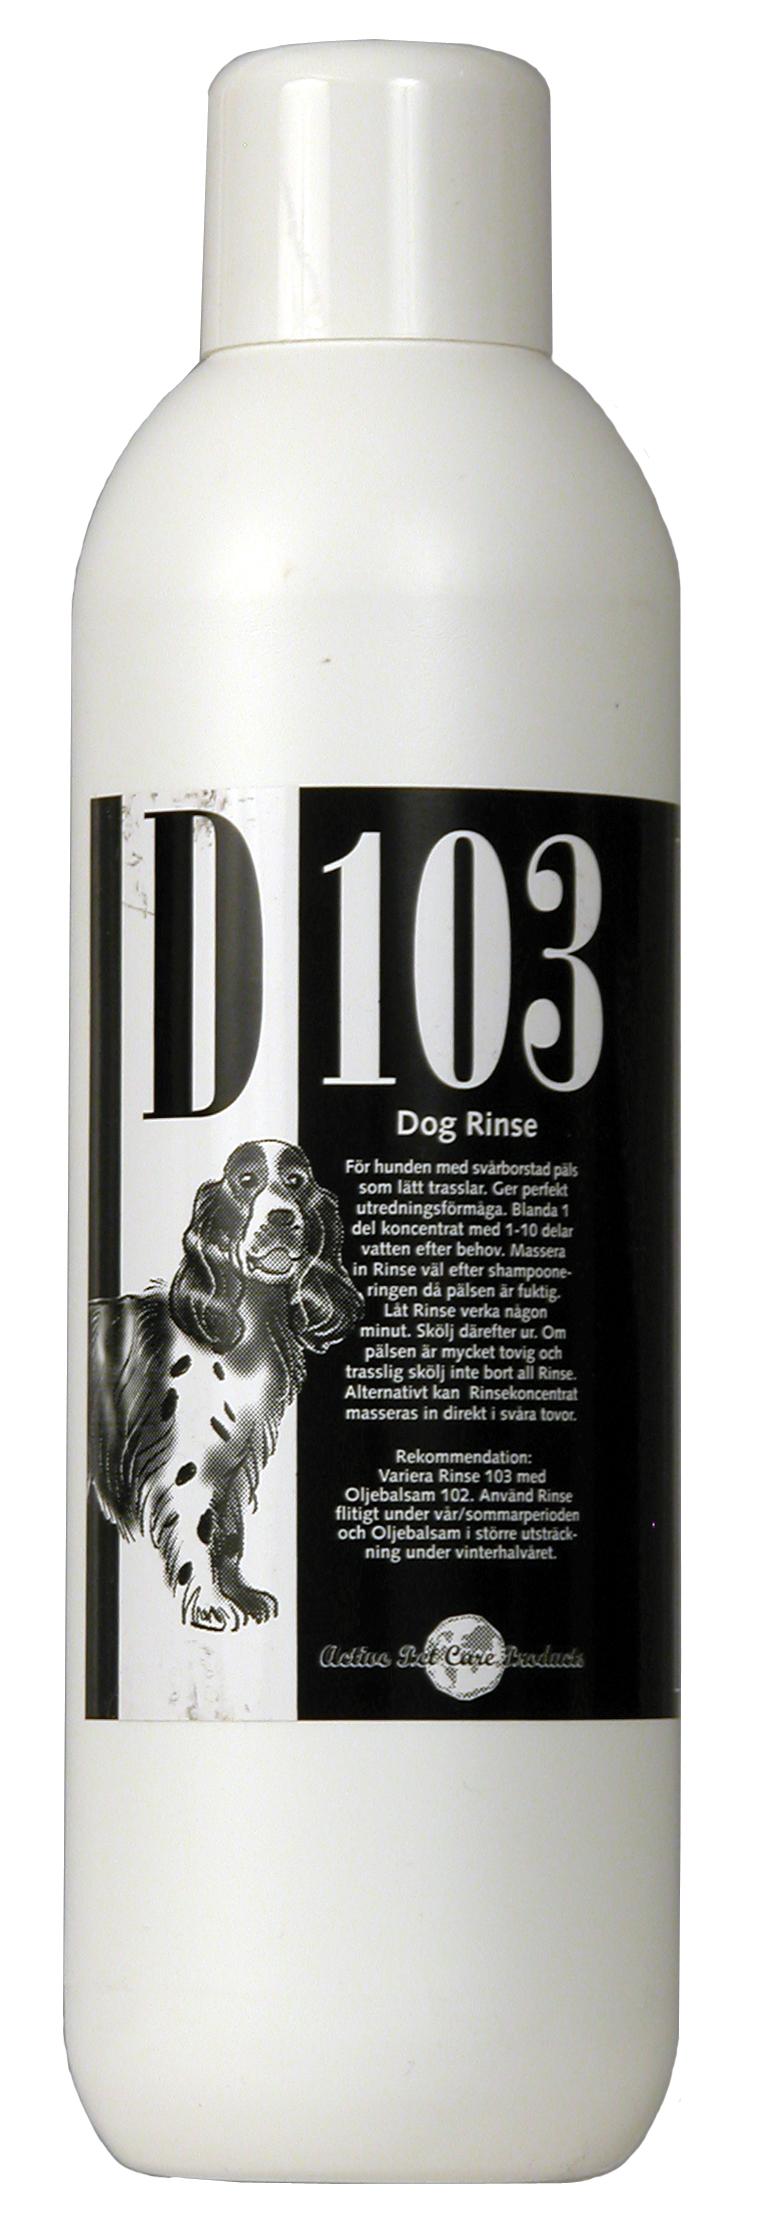 Bilde av Active Pet Care D103 Dog Rinse